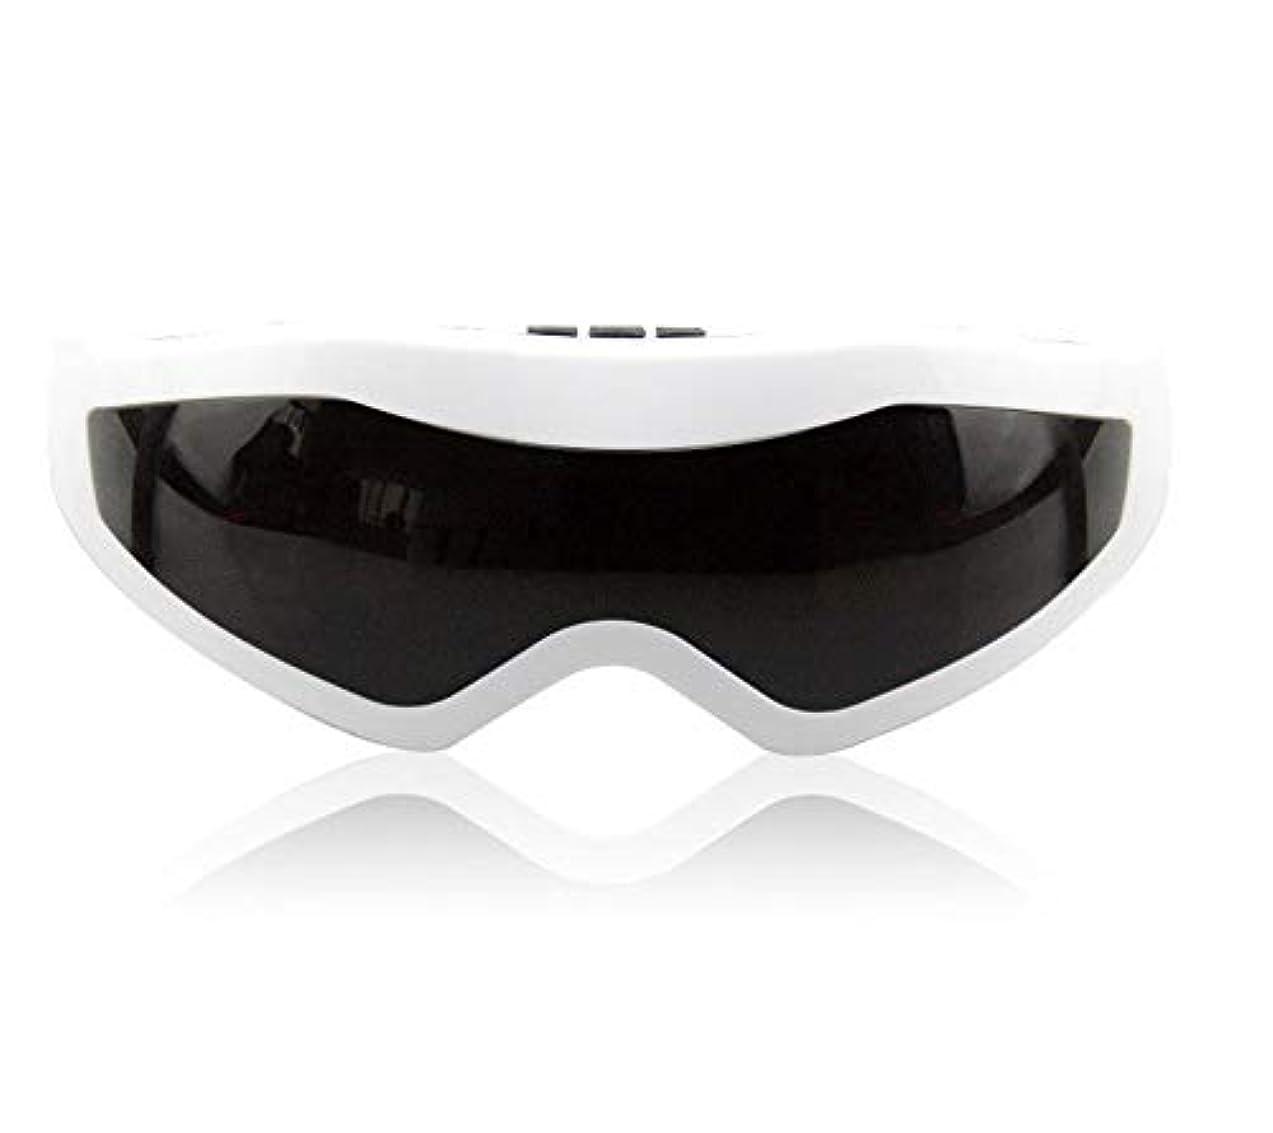 粒両方時々目のマッサージャーの電気目のマッサージャーの磁石療法の振動目の保護の器械 (Color : Black)